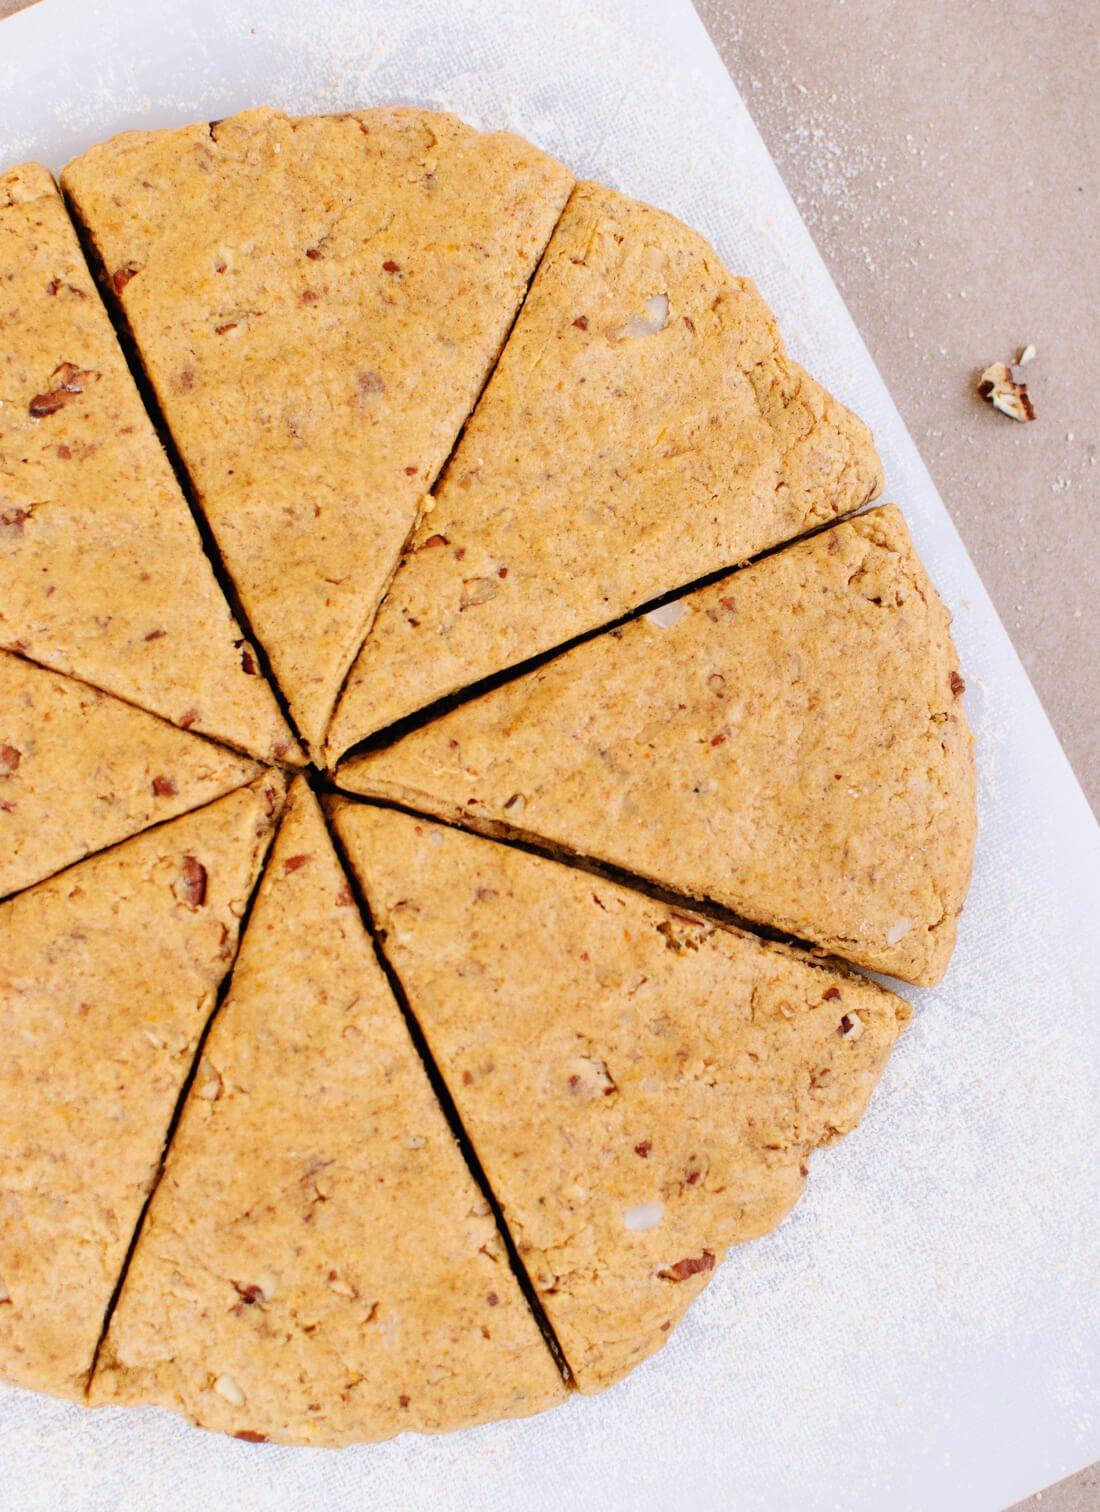 pumpkin pecan scones once sliced